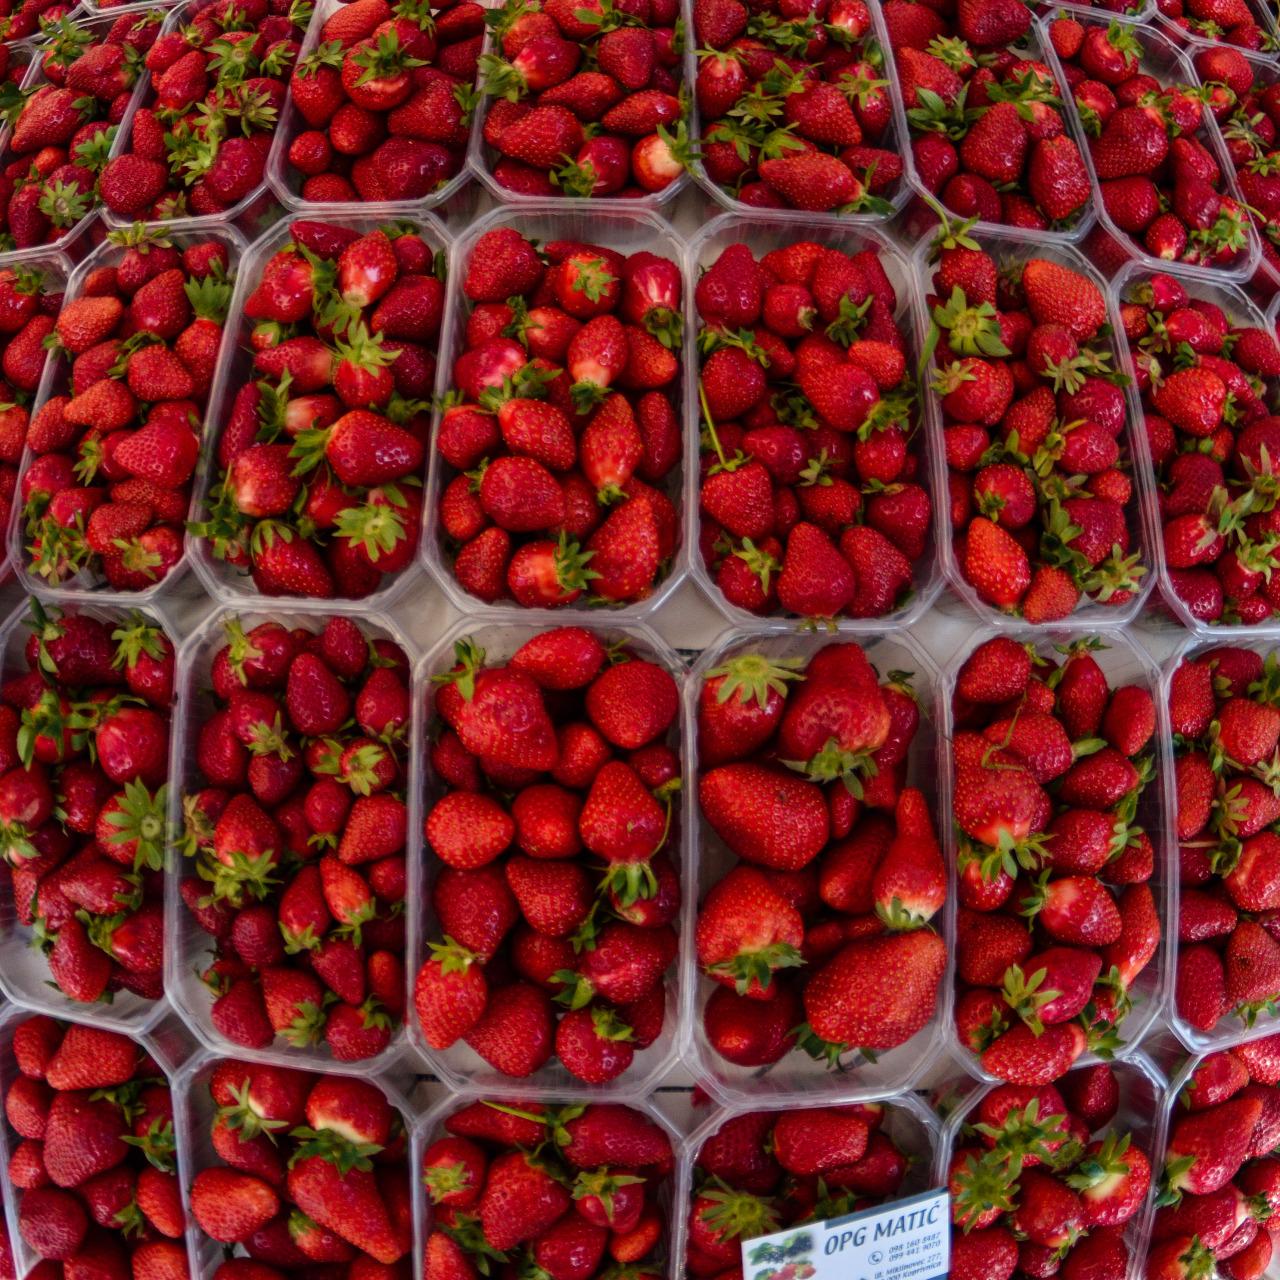 Ate at least 10 kg this Spring @ Planet Strawberry #strawberry#opg#matić#matic#zadar#hrvatska#croatia#spring#summer#berries#red#intense#food#fruit#sweet#healthy#foodporn#fisheye#nikon#opteka #6.5mm #summerincroatia